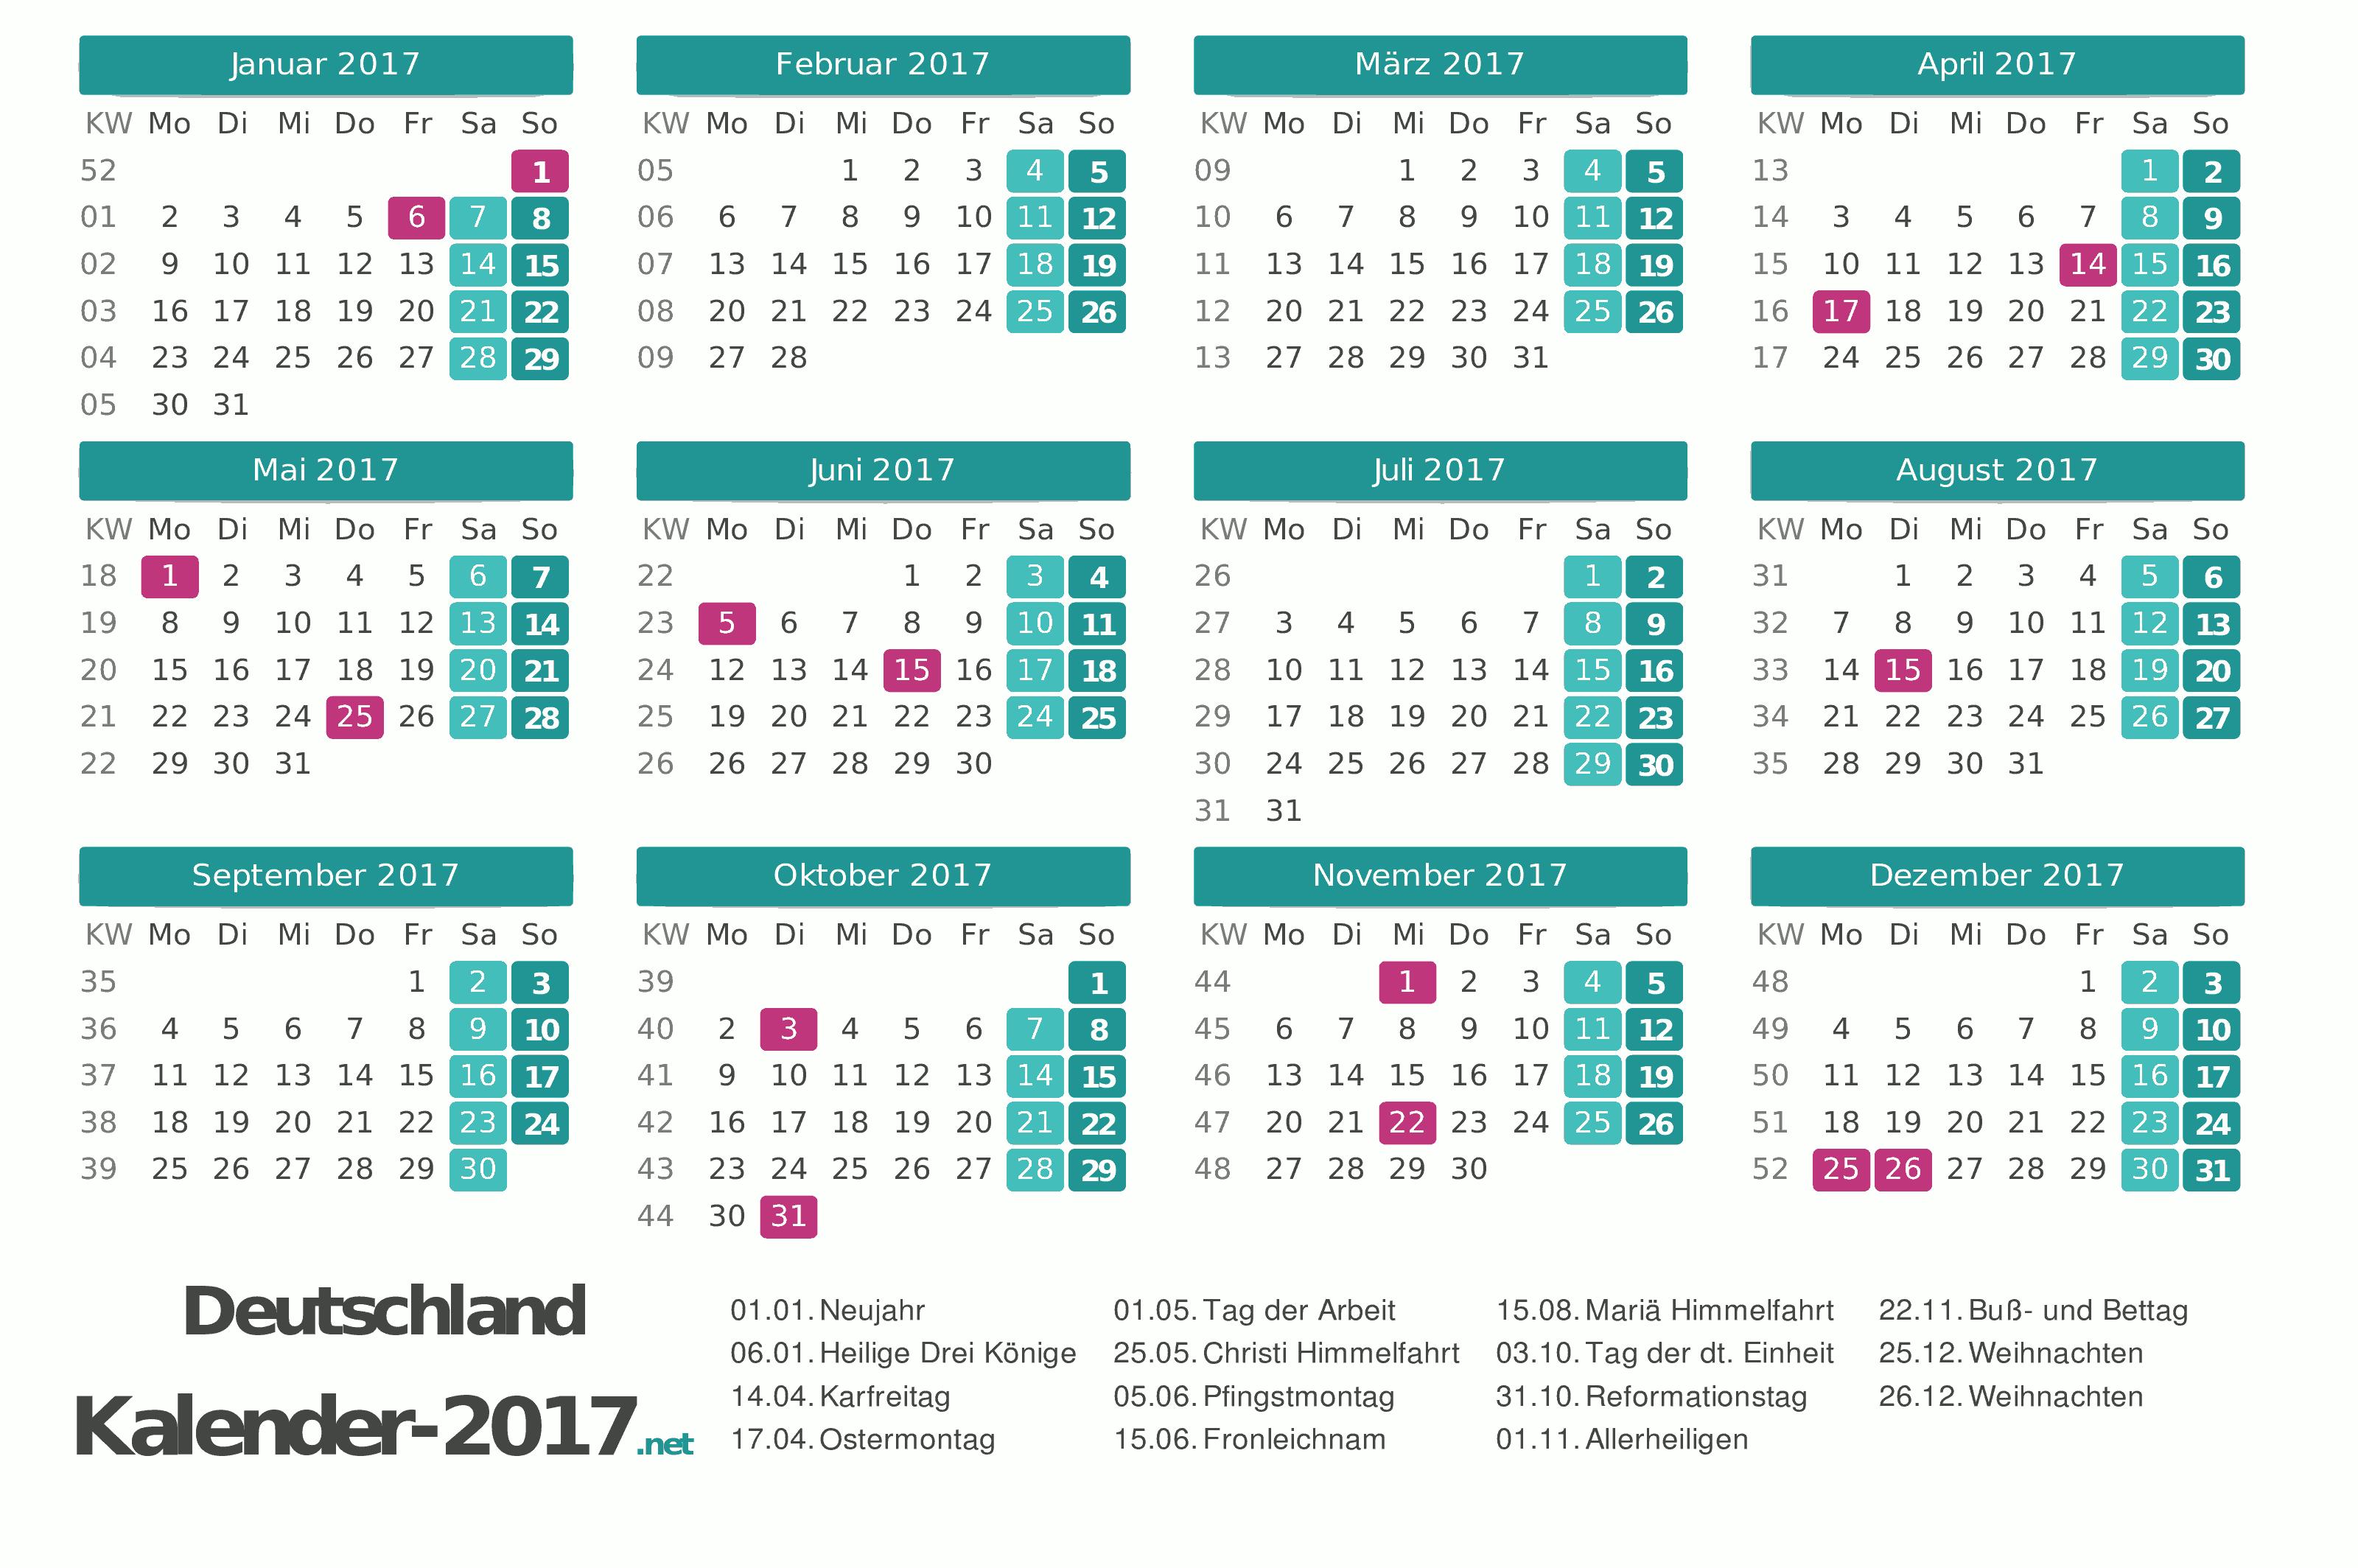 Kalender 2017 Jaarkalender